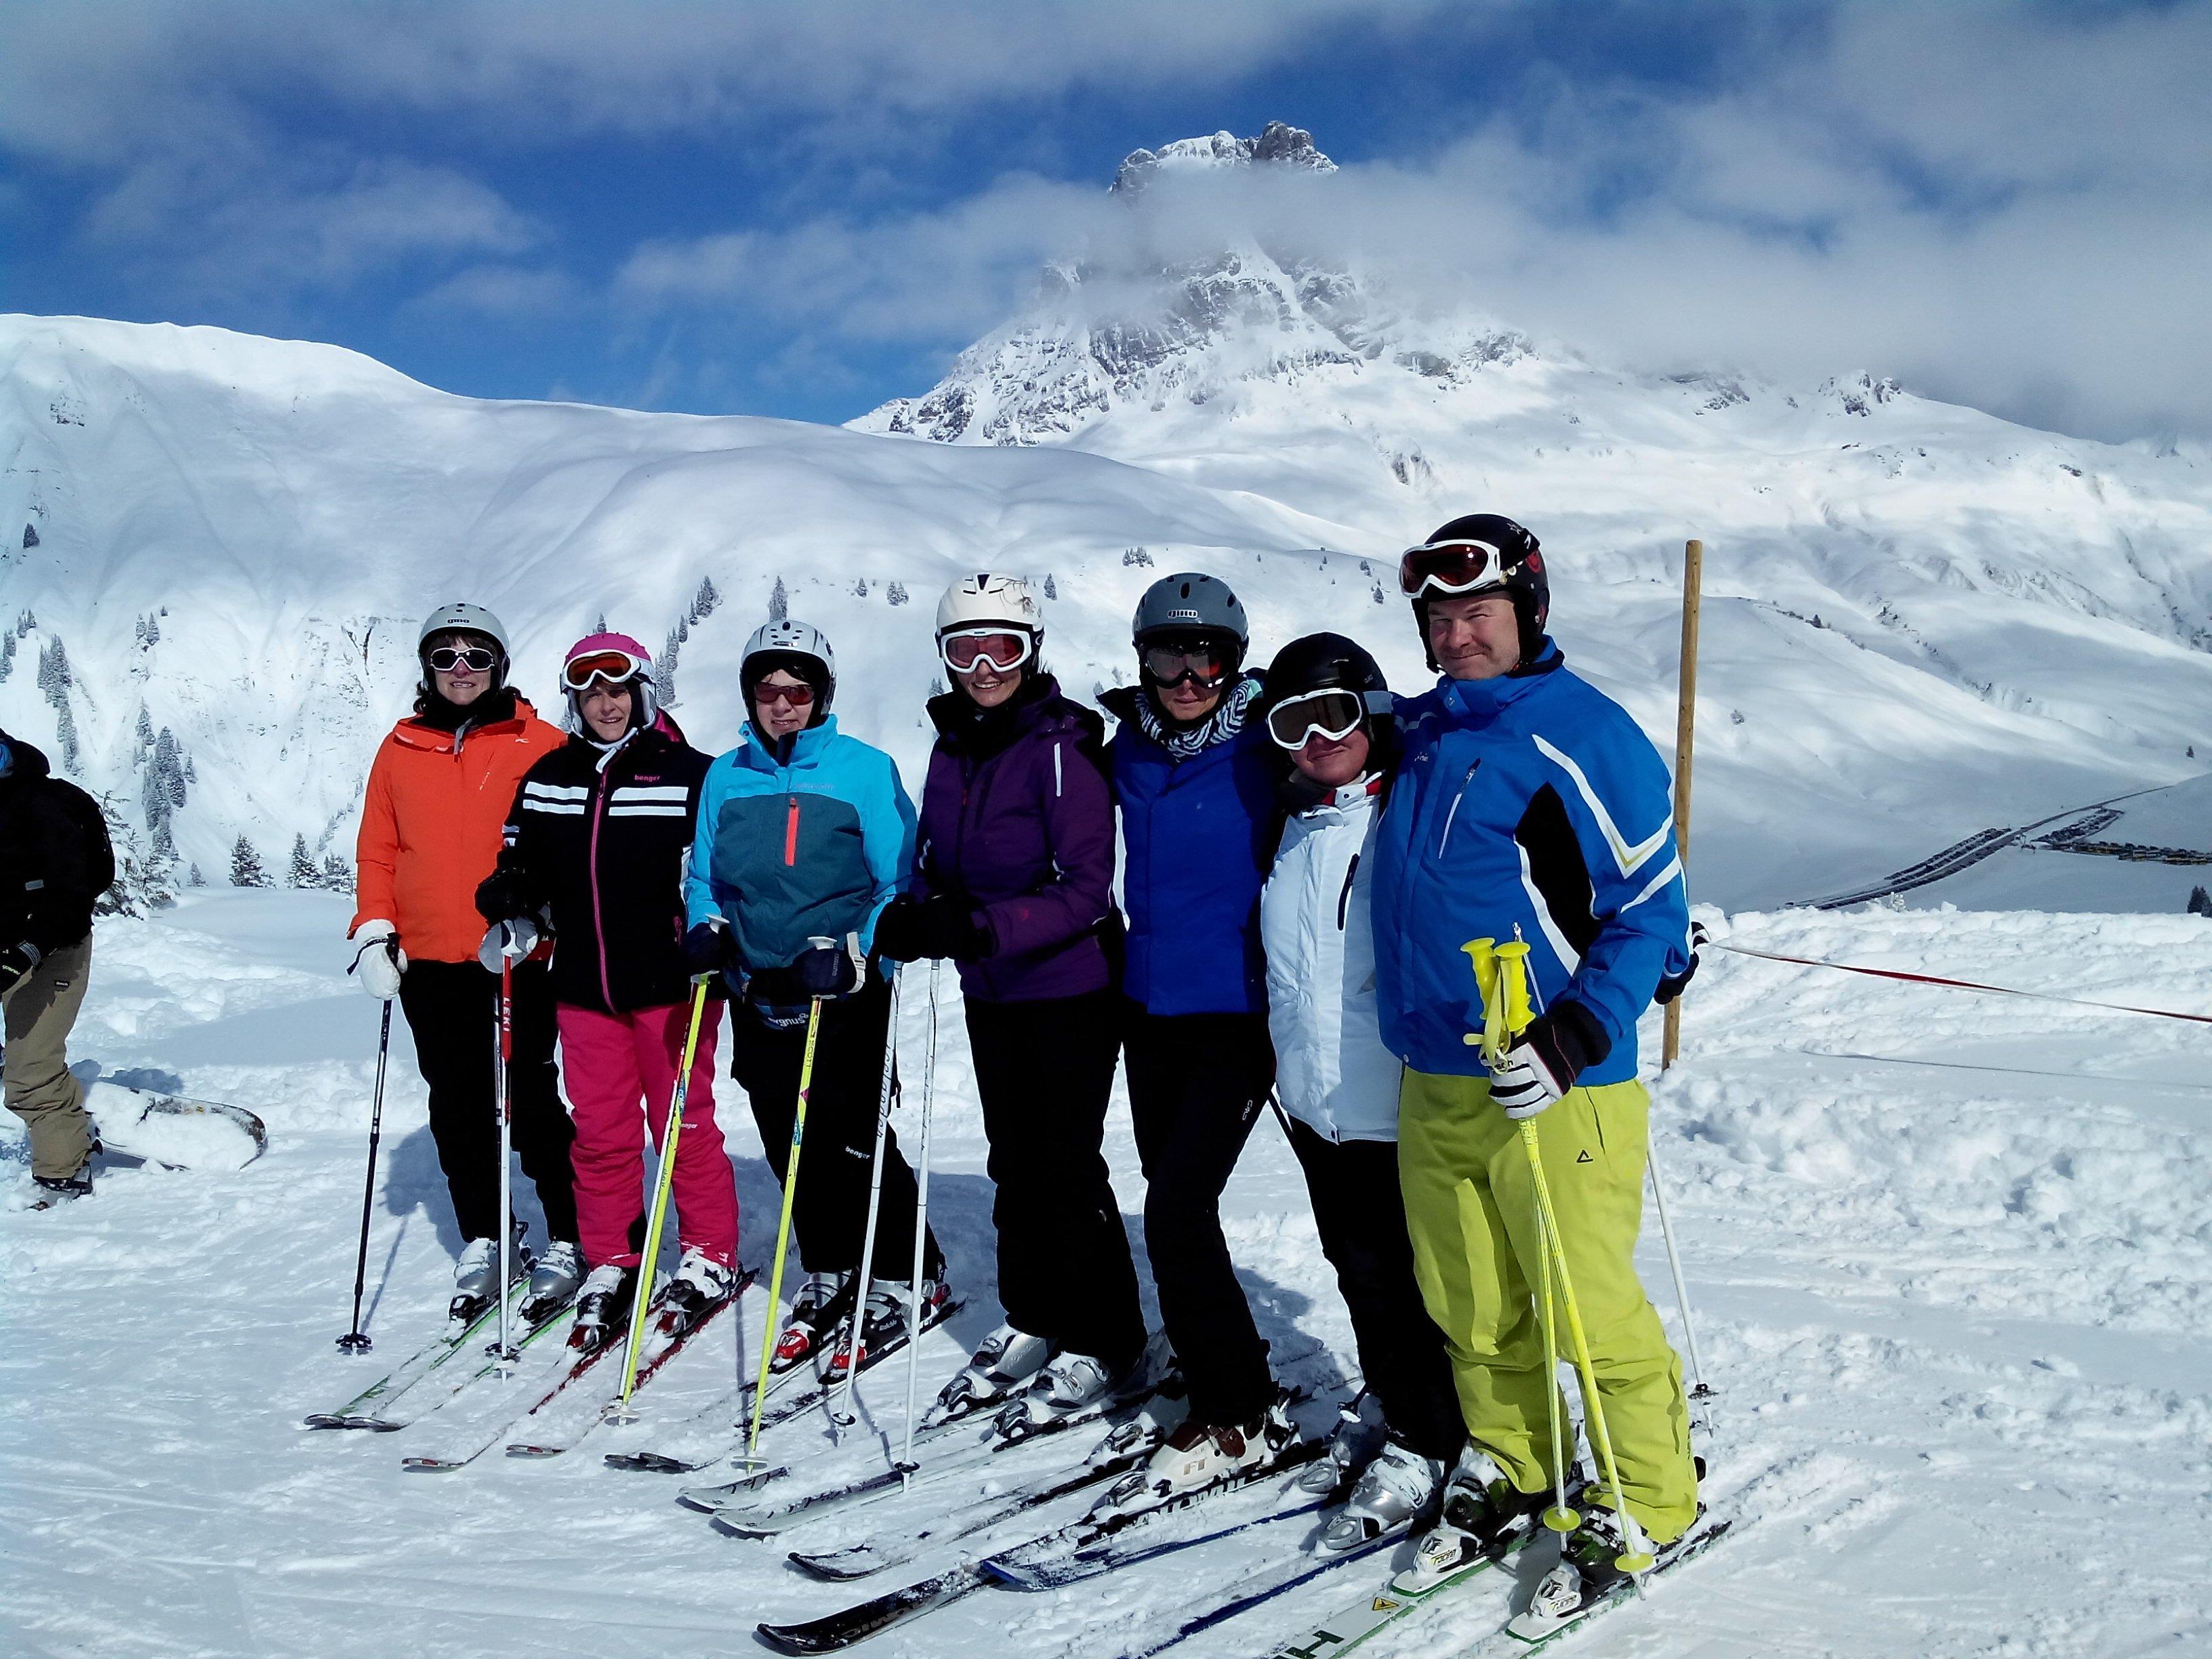 Schifahrer am Salober mit Widderstein im Hintergrund